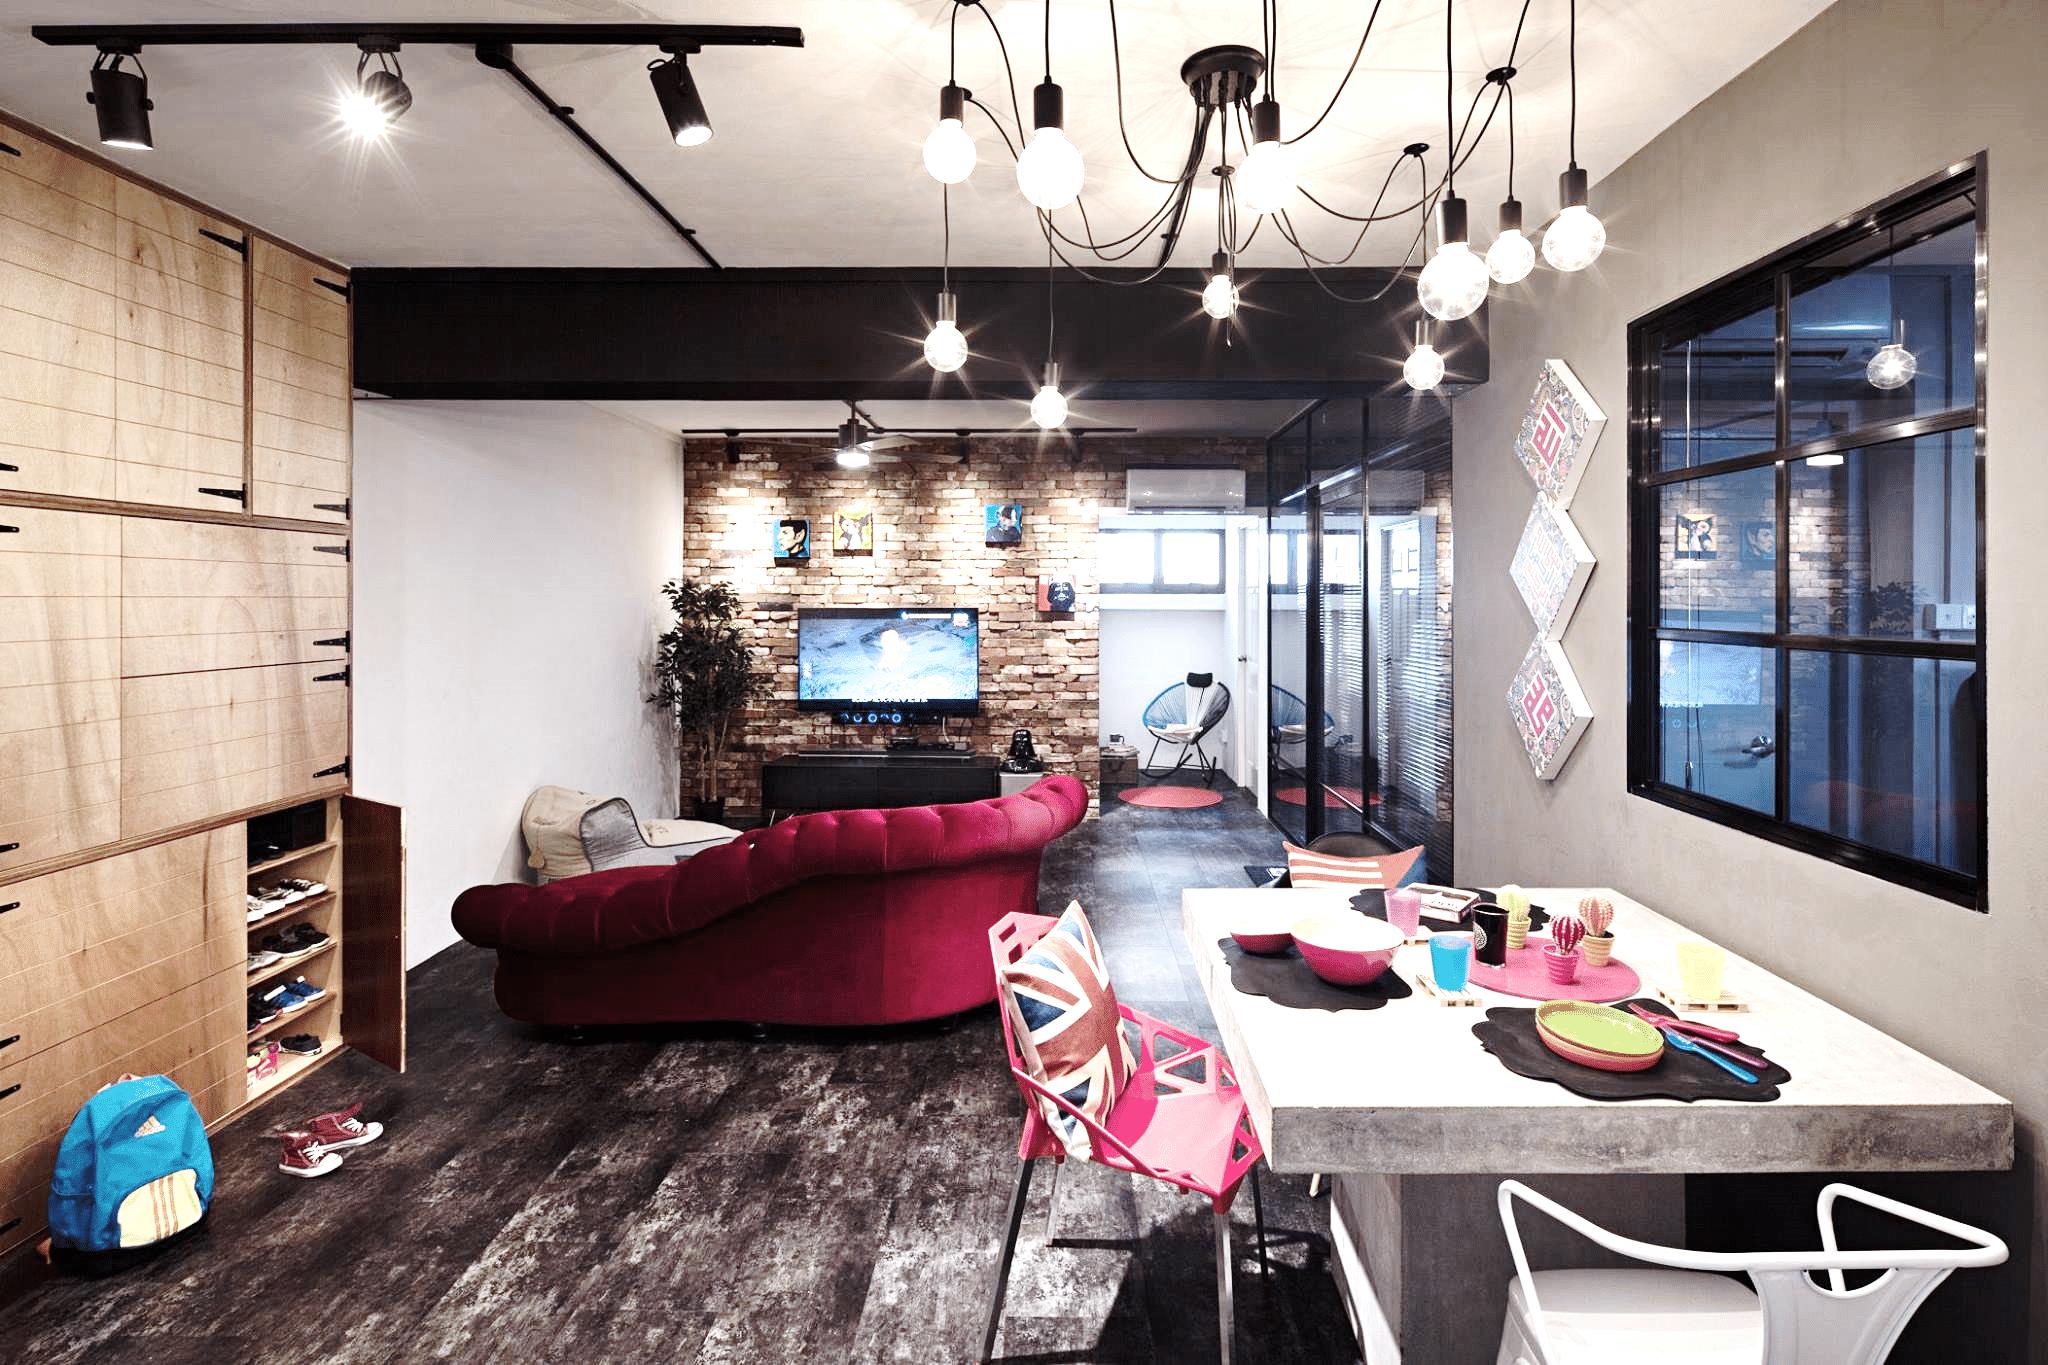 Marketing – Interior Design as a Valuable Enterprise (6)